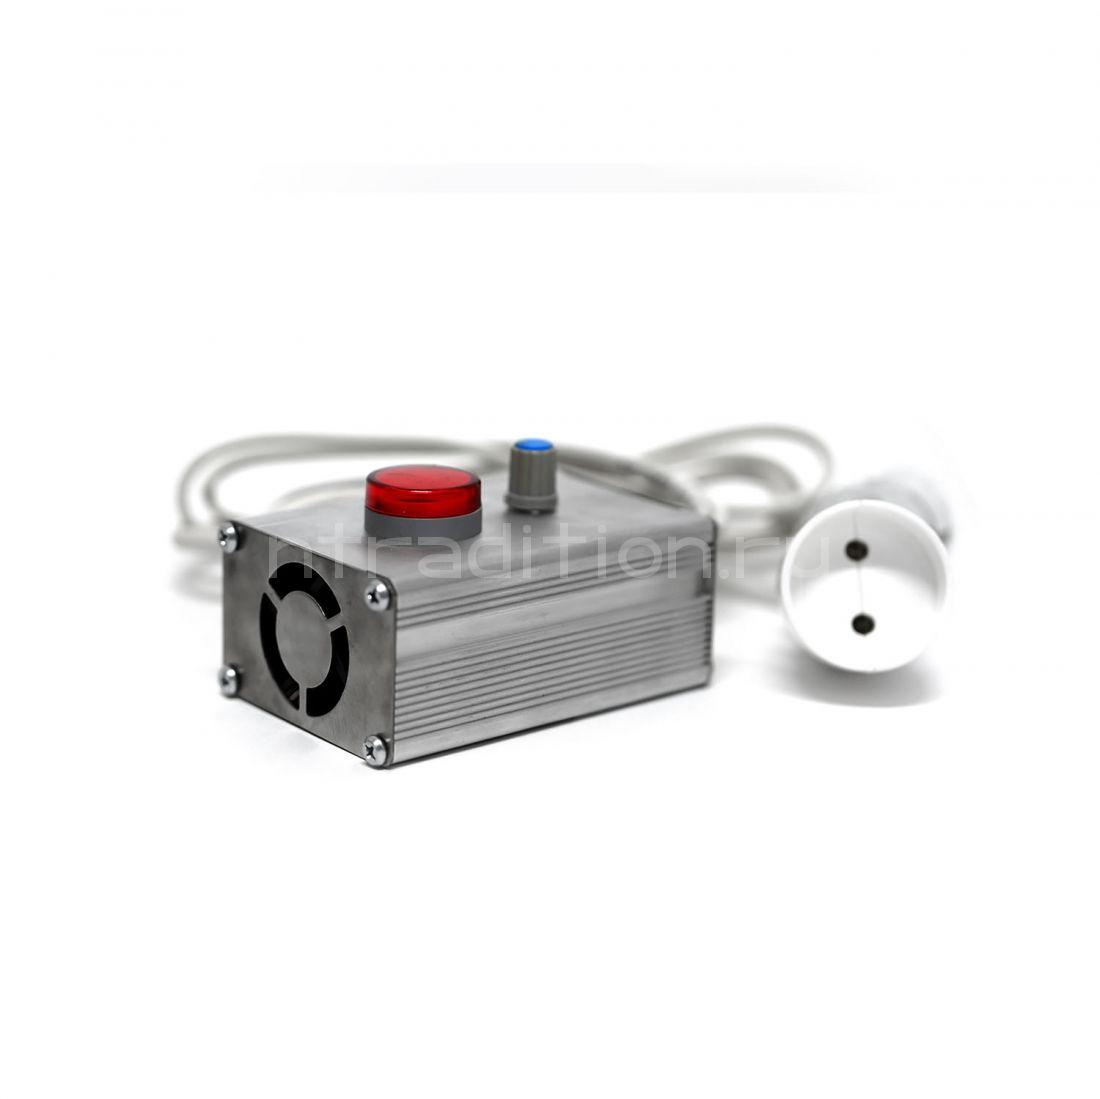 Регулятор мощности аналоговый с цифровым индикатором 0-3000 Вт